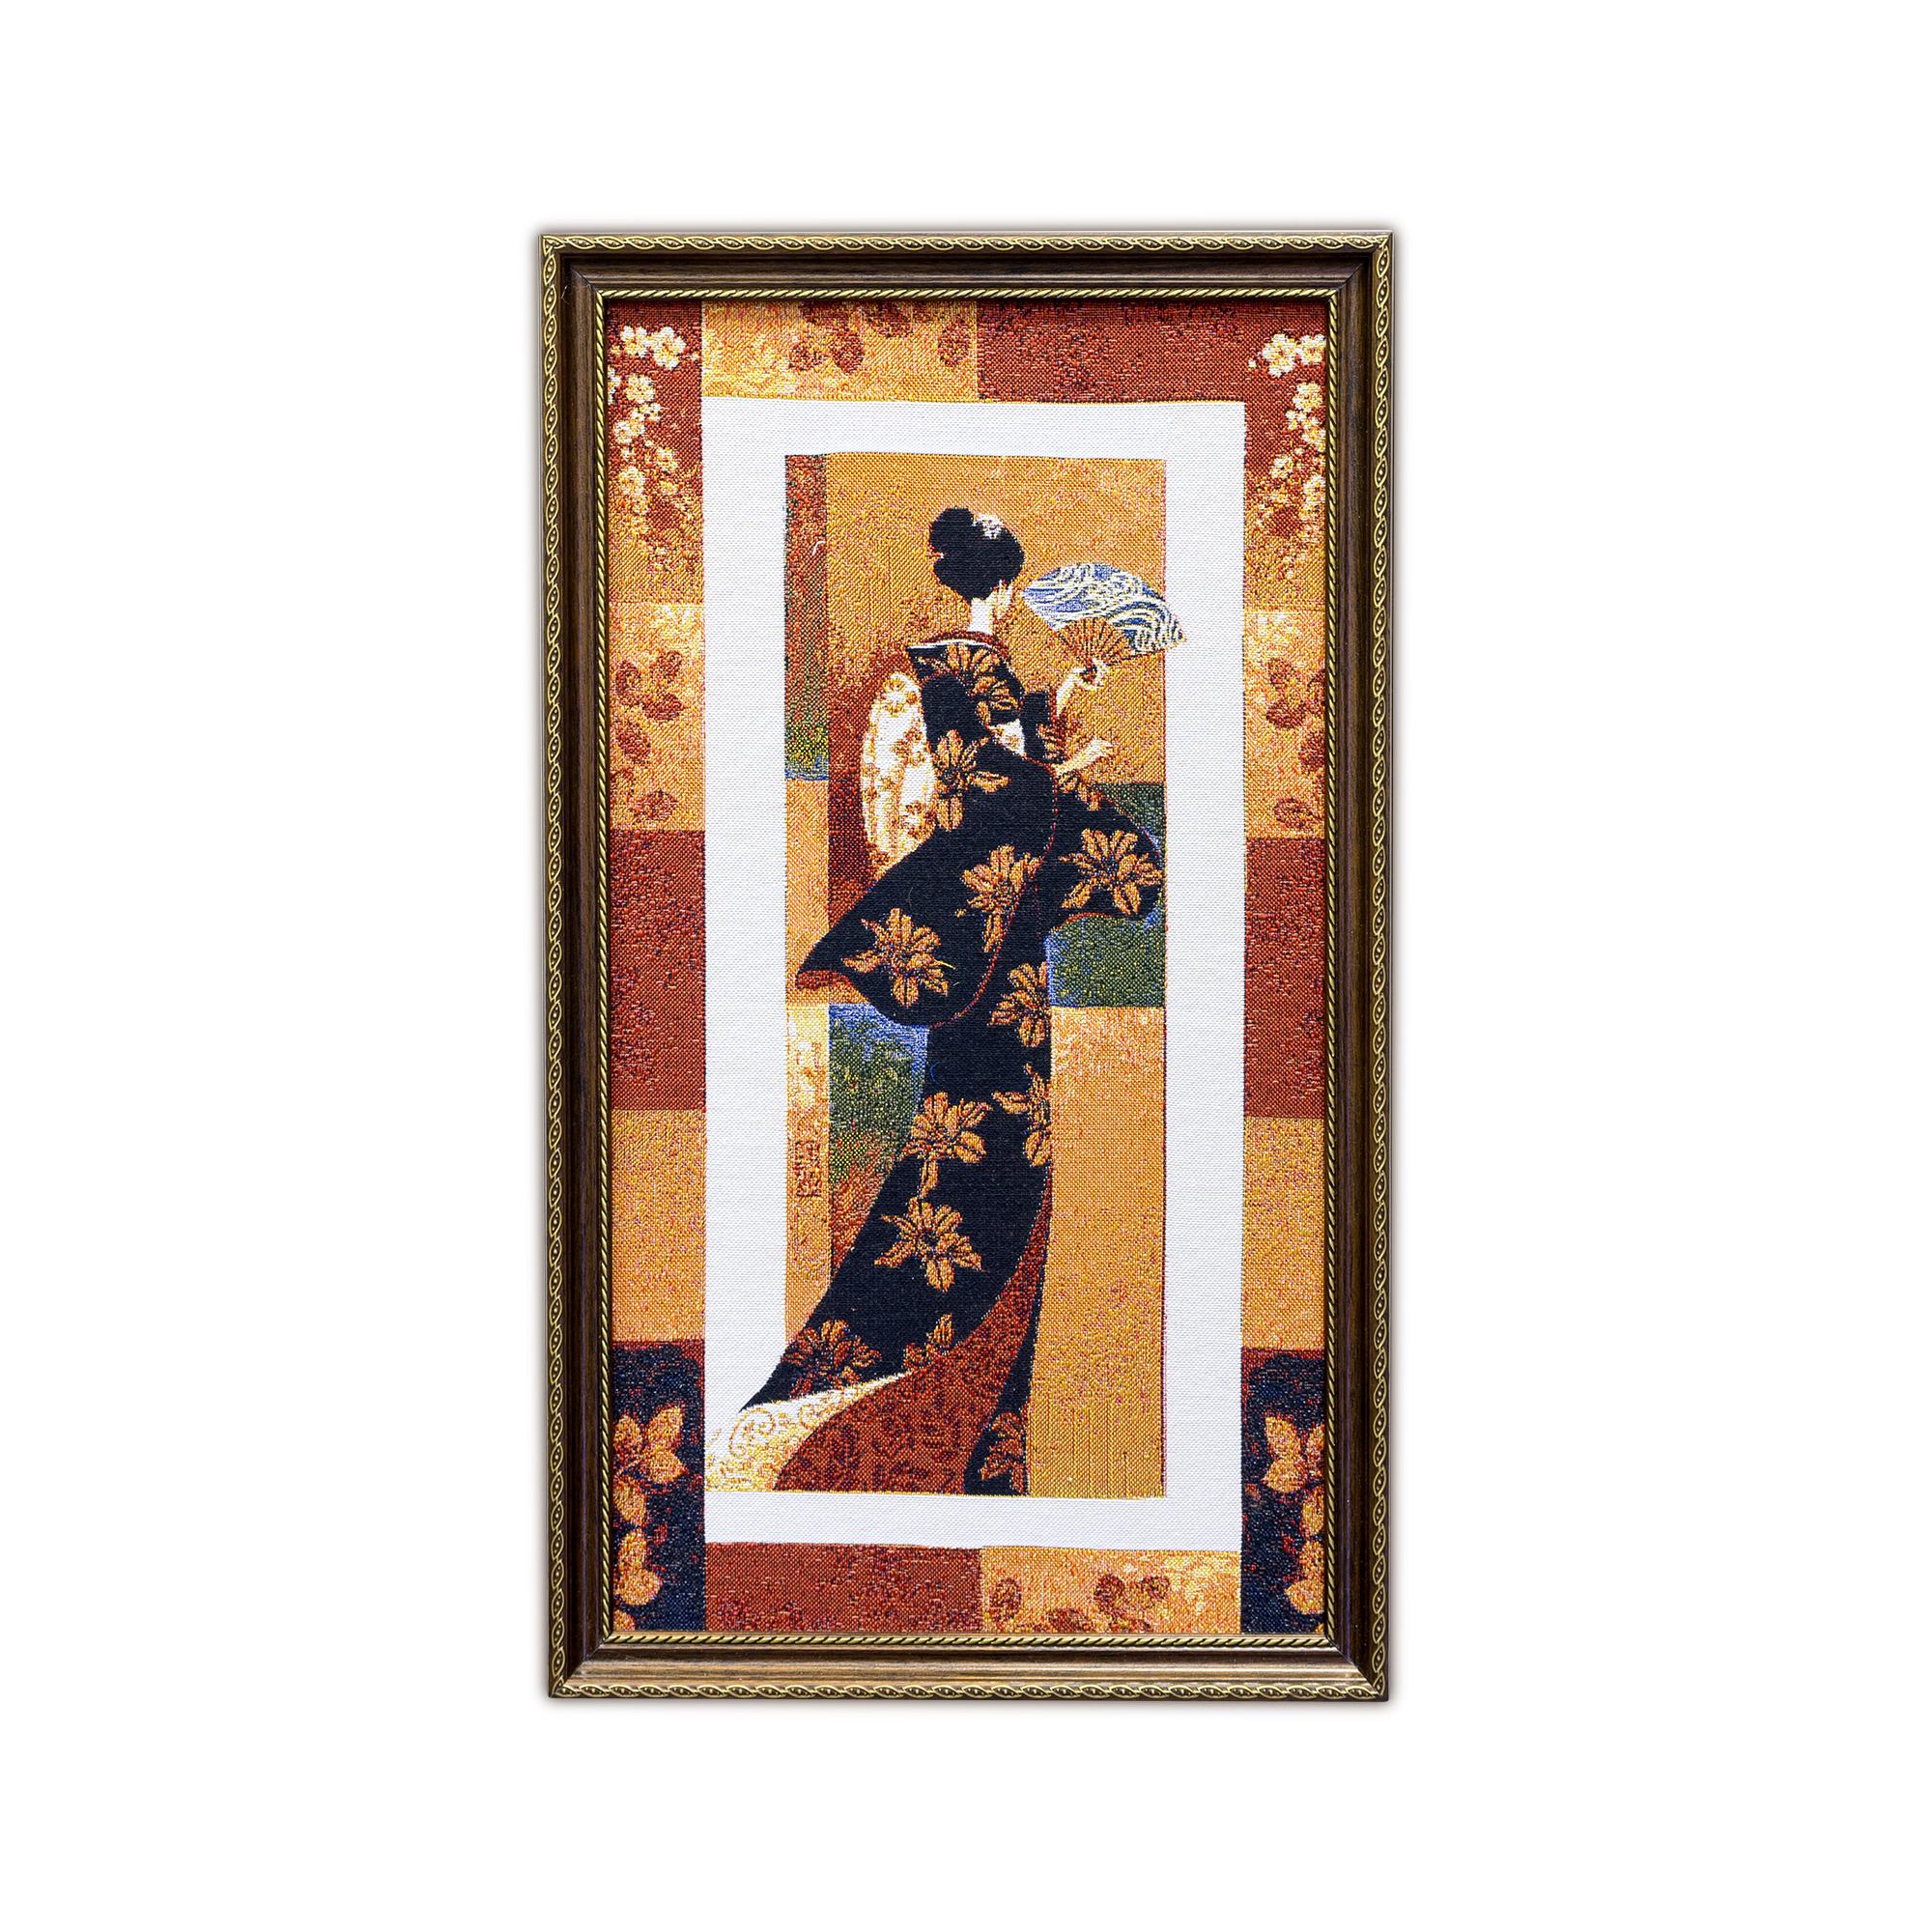 Купить Картины, постеры, гобелены, панно A La Gobelin, Картина Японка С Веером (34х58 см), Россия, Гобелен